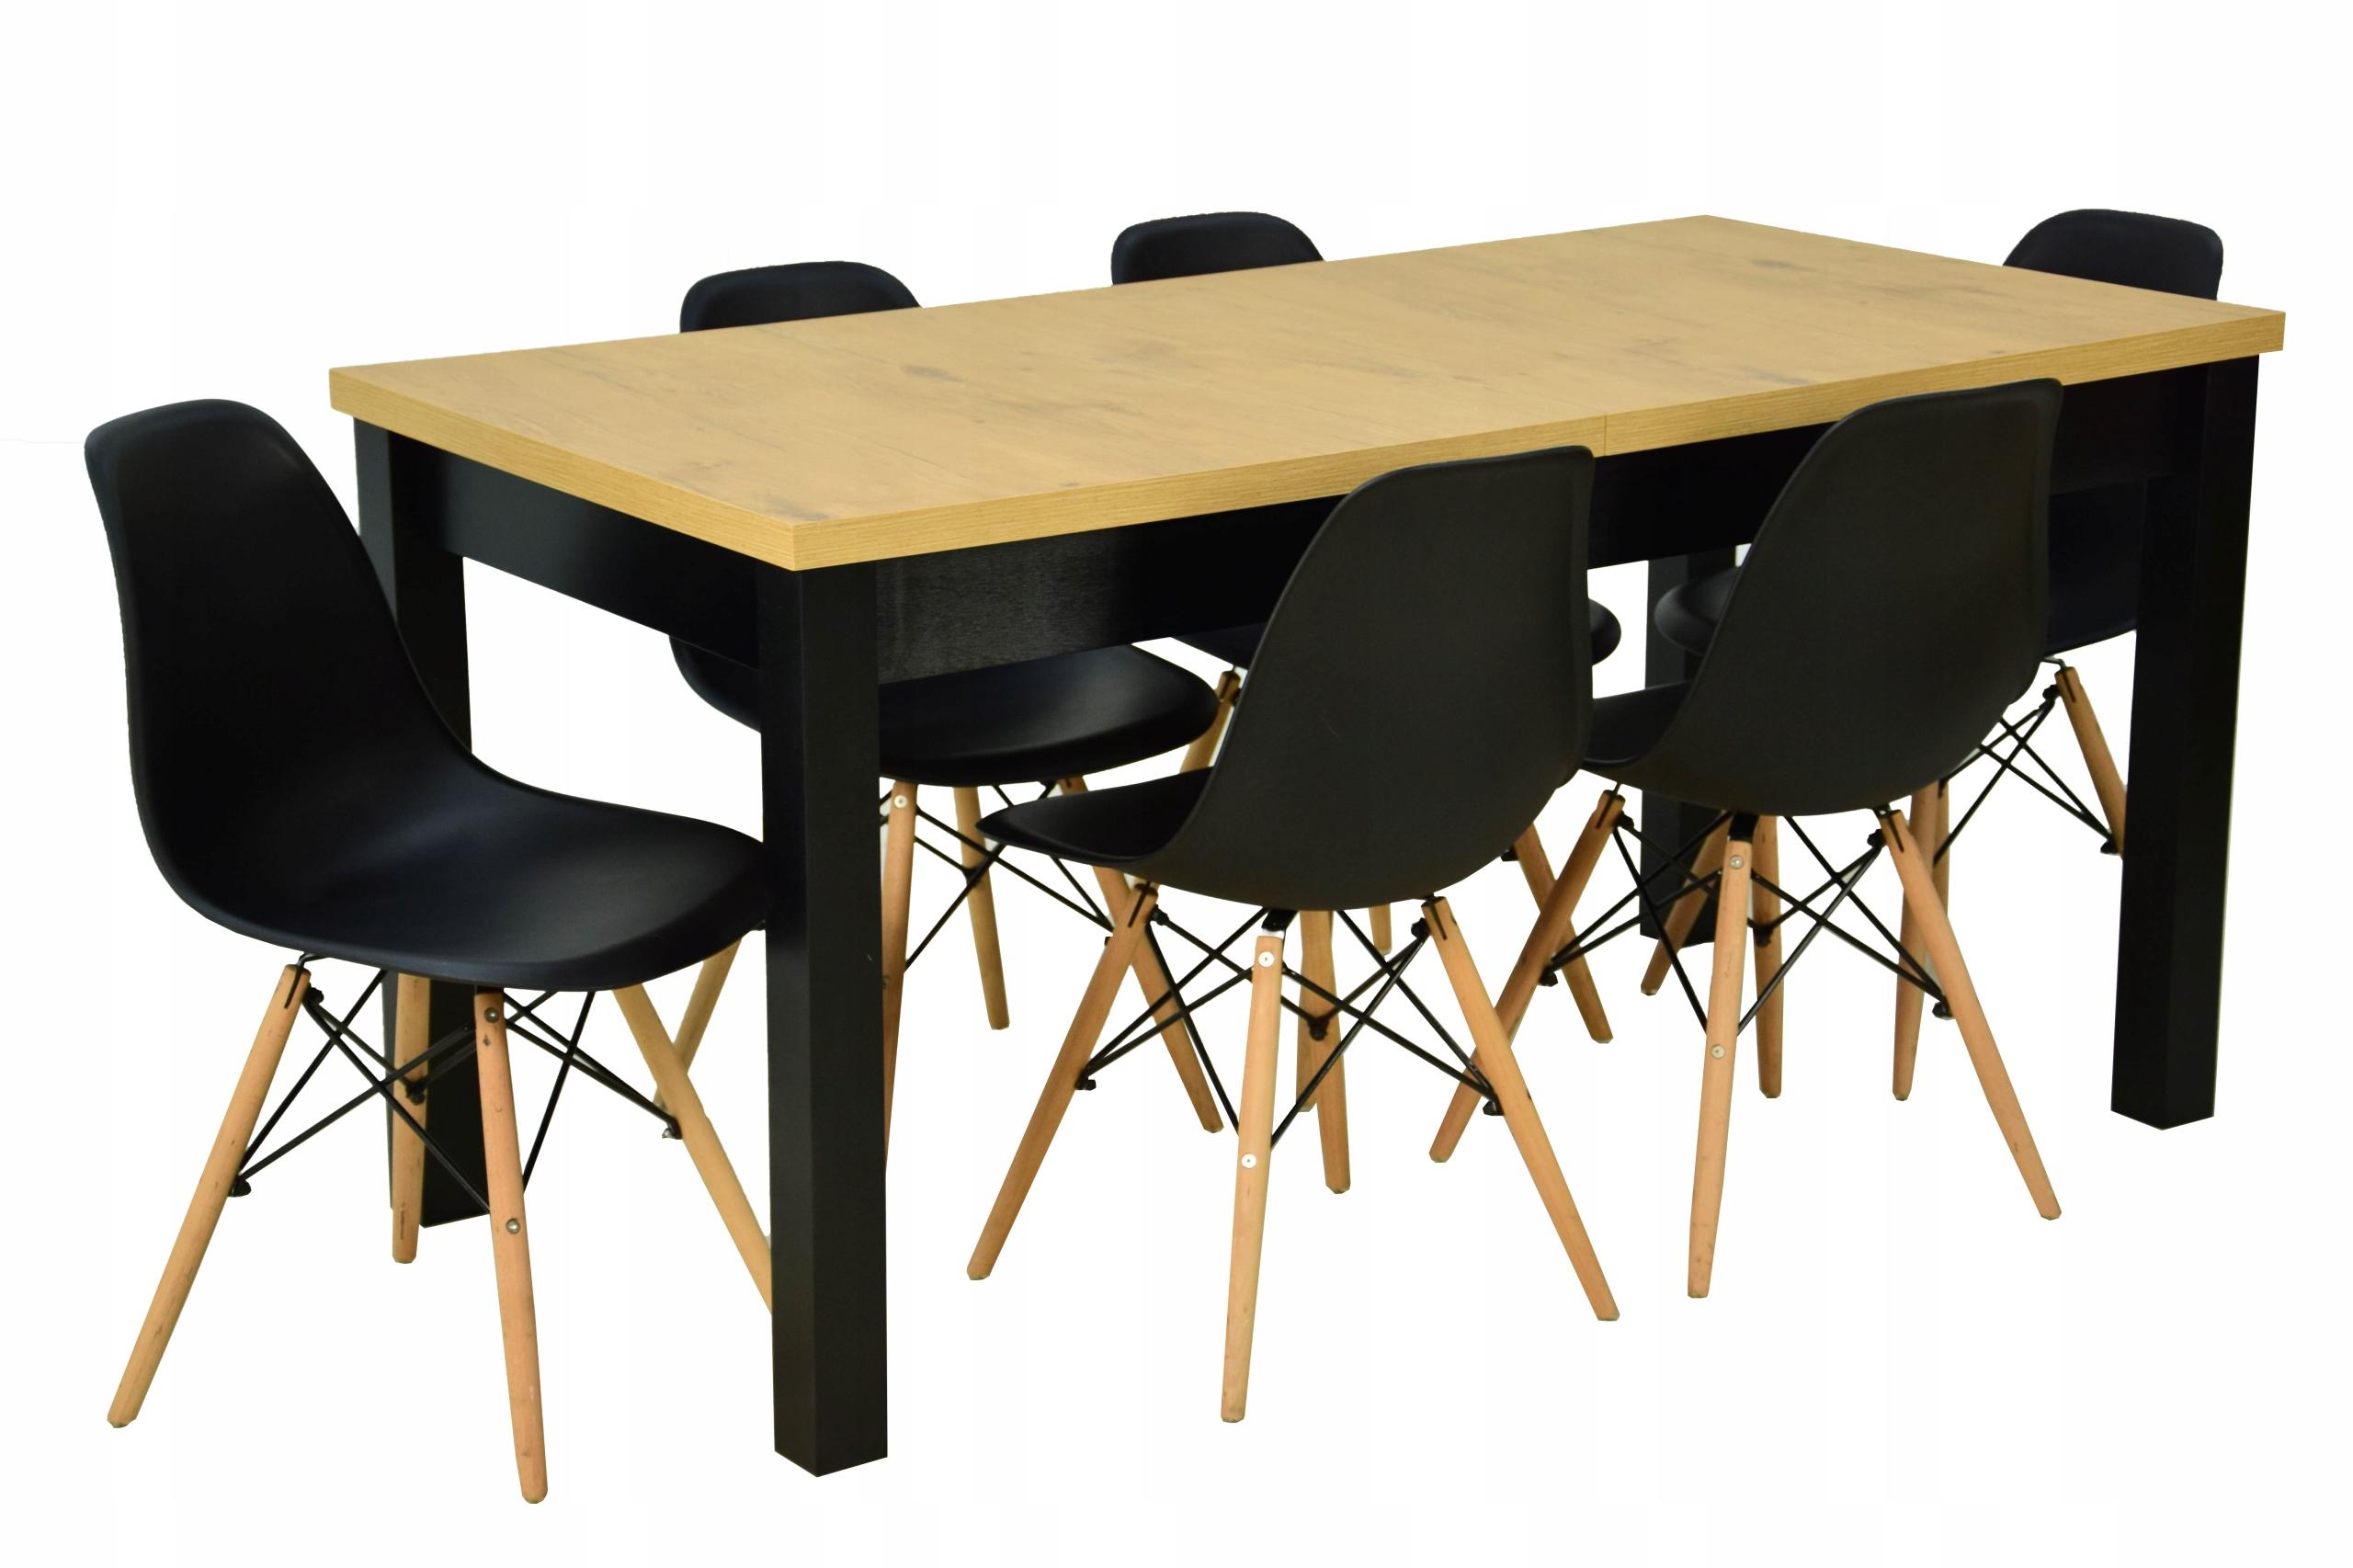 Stół rozkładany Czarny Dąb 80x160/200 6 Krzeseł